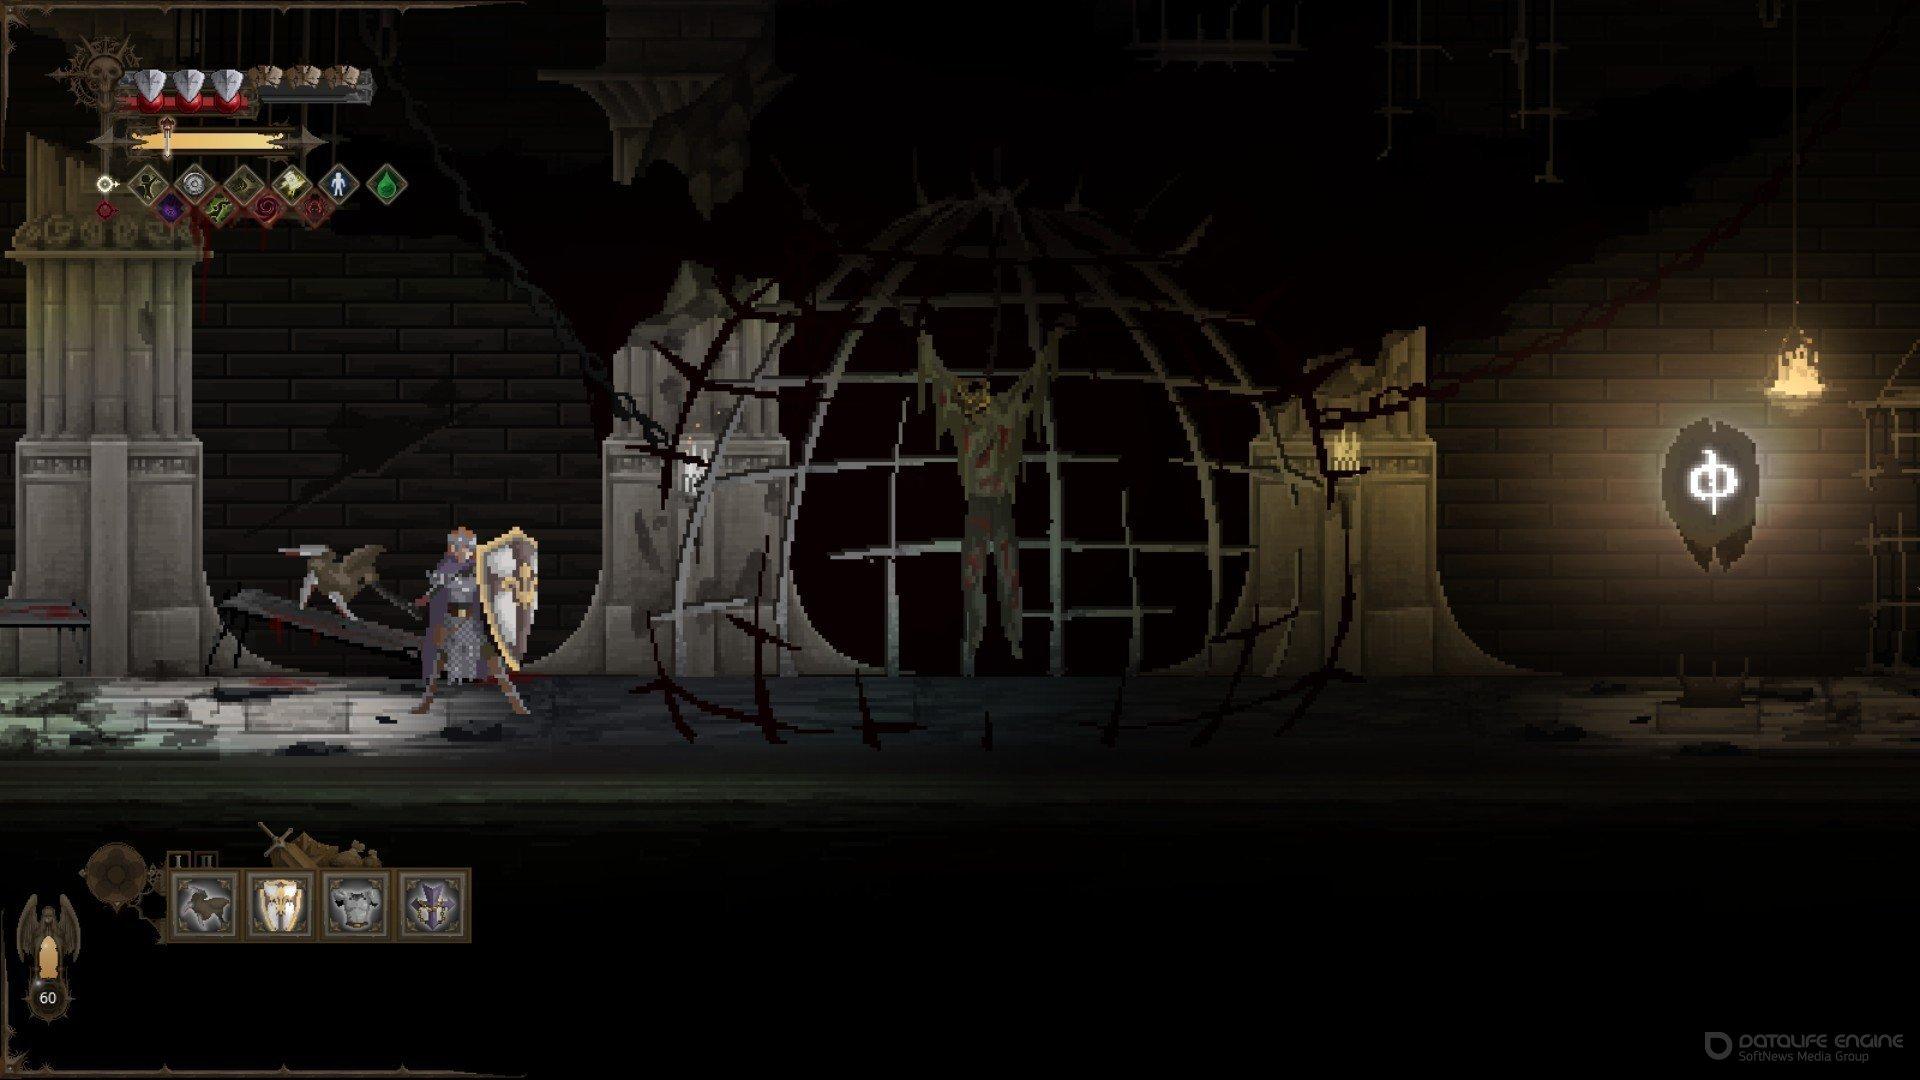 Скриншот к игре Dark Devotion v.1.0.44 [GOG] (2019) скачать торрент Лицензия